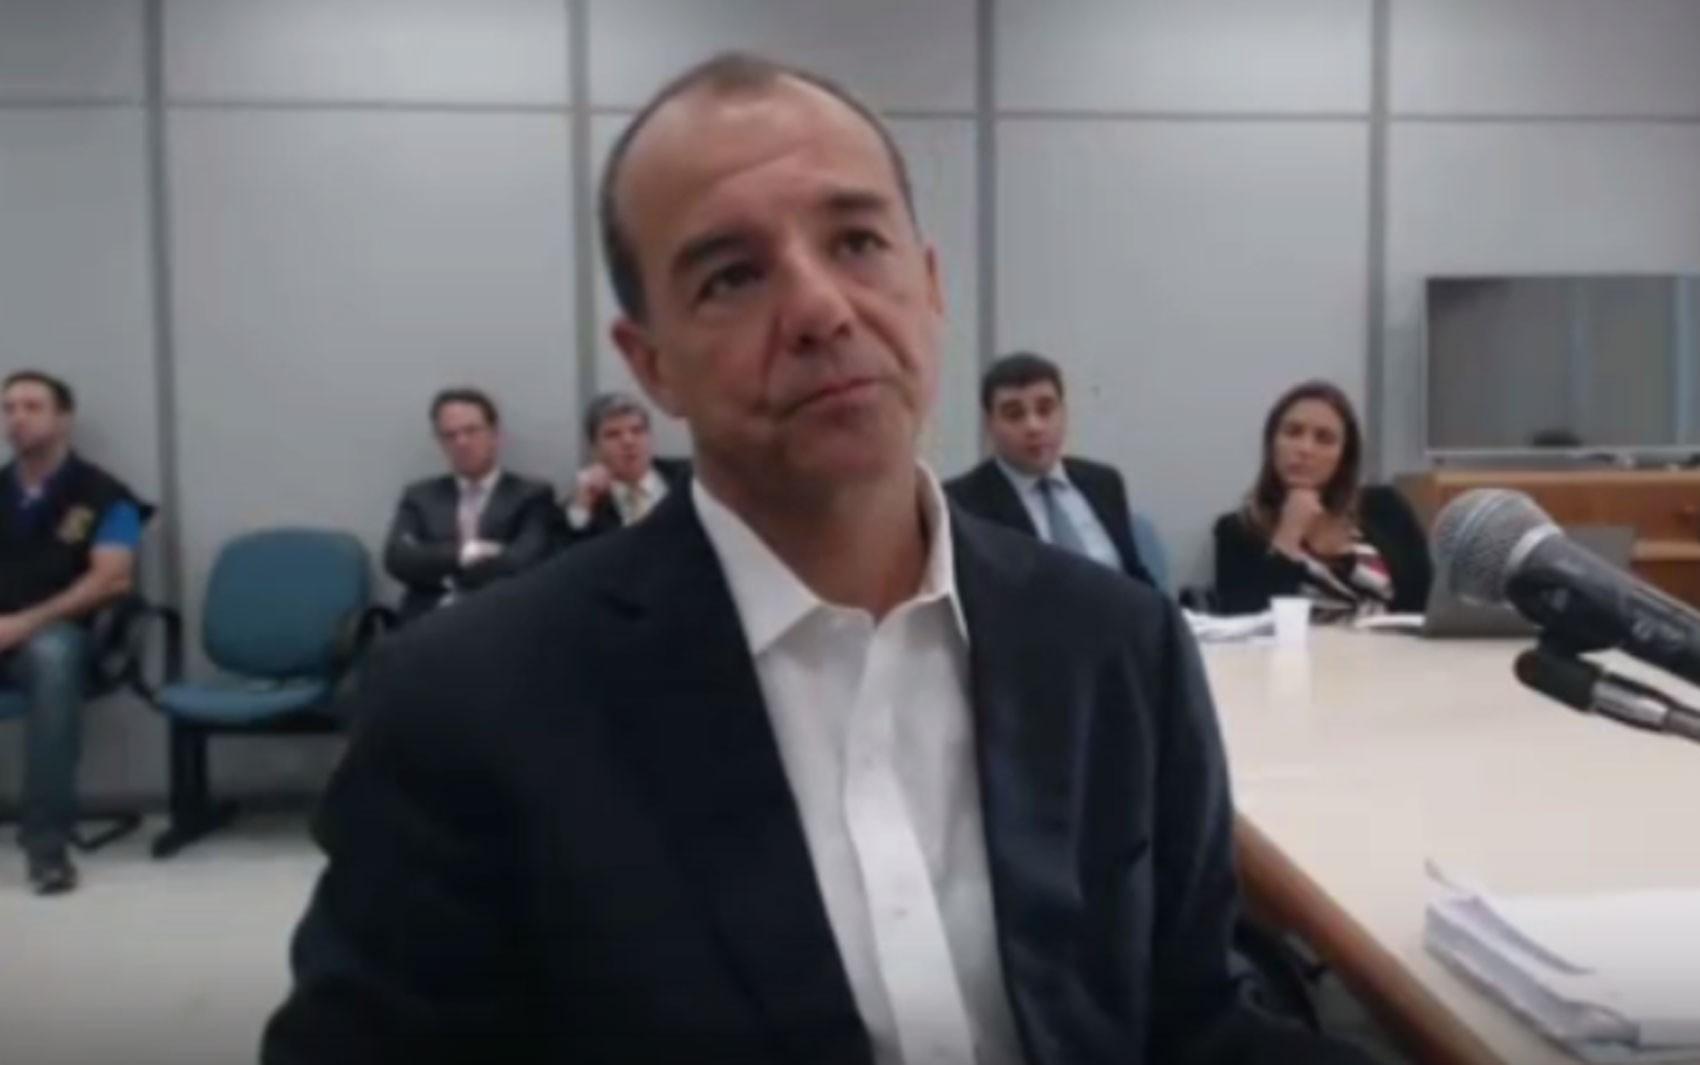 Justiça adia interrogatório de Sérgio Cabral em processo da Lava Jato que investiga desvios no Sistema S